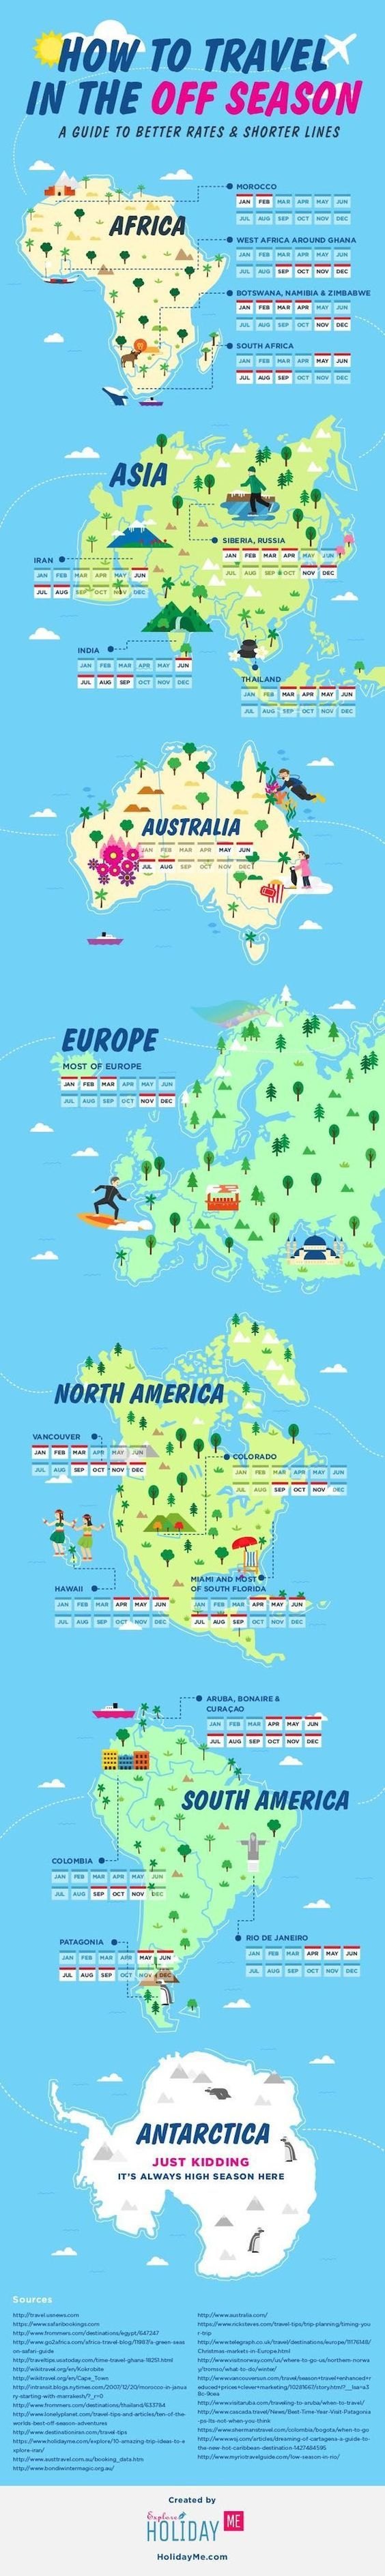 Ihr wollt abseits der Hochsaison eine neue Gegend entdecken?  Schau dir hier an wann und wo die Nebensaison ist.  https://www.kolumbus-sprachreisen.de